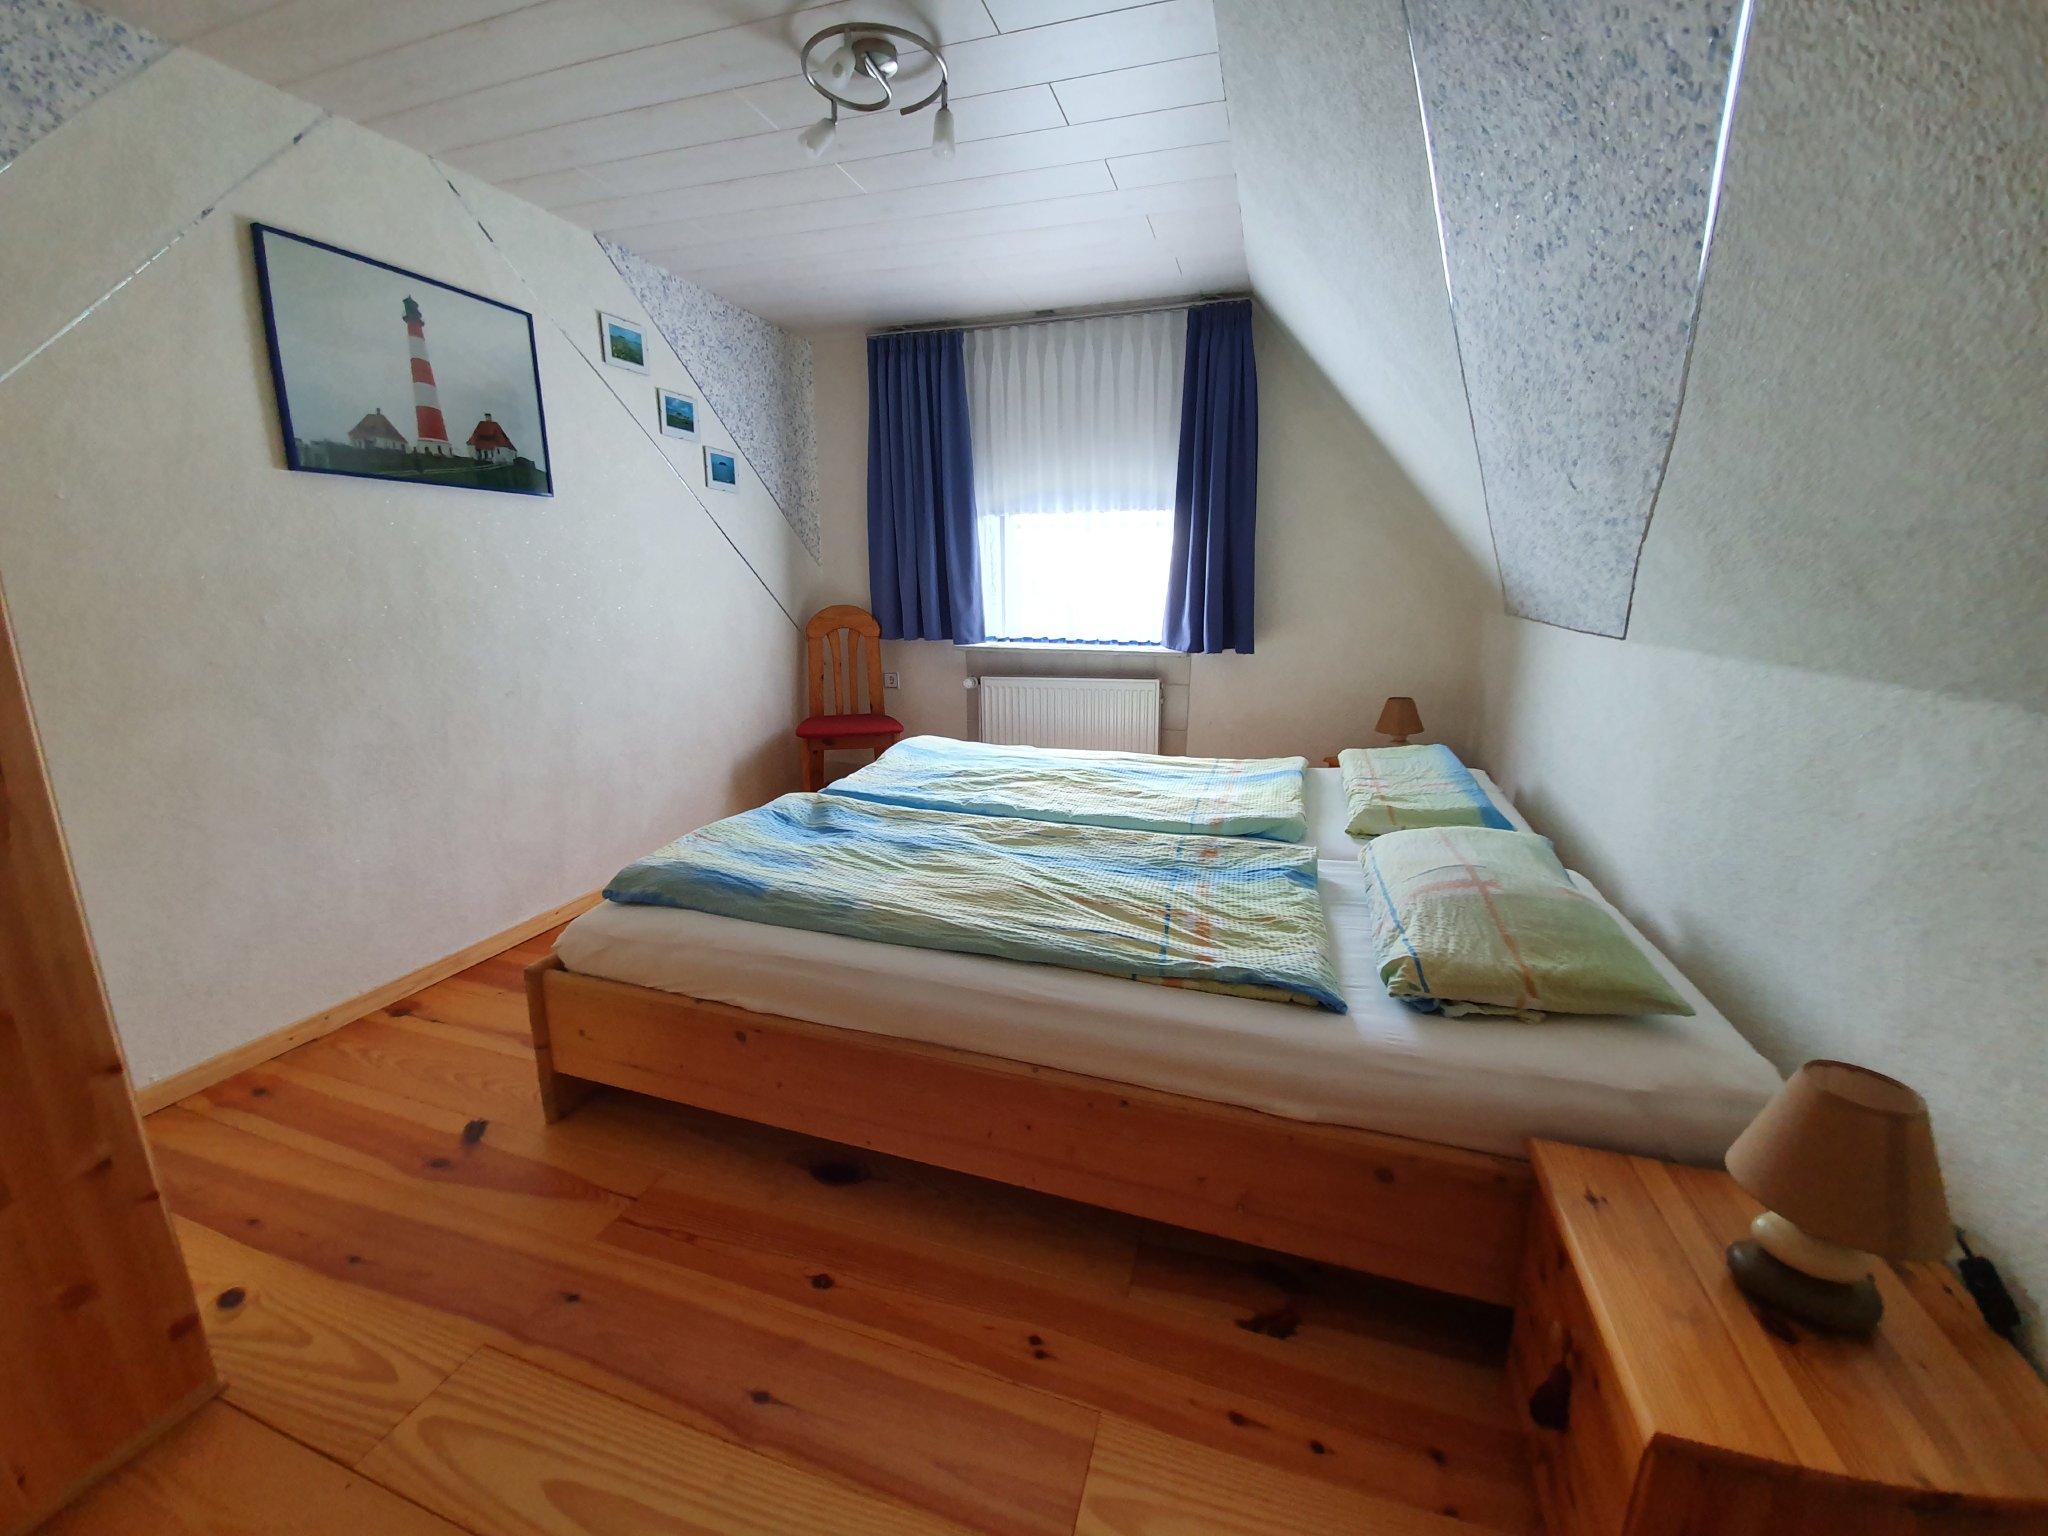 Schlafzimmer; Eltern